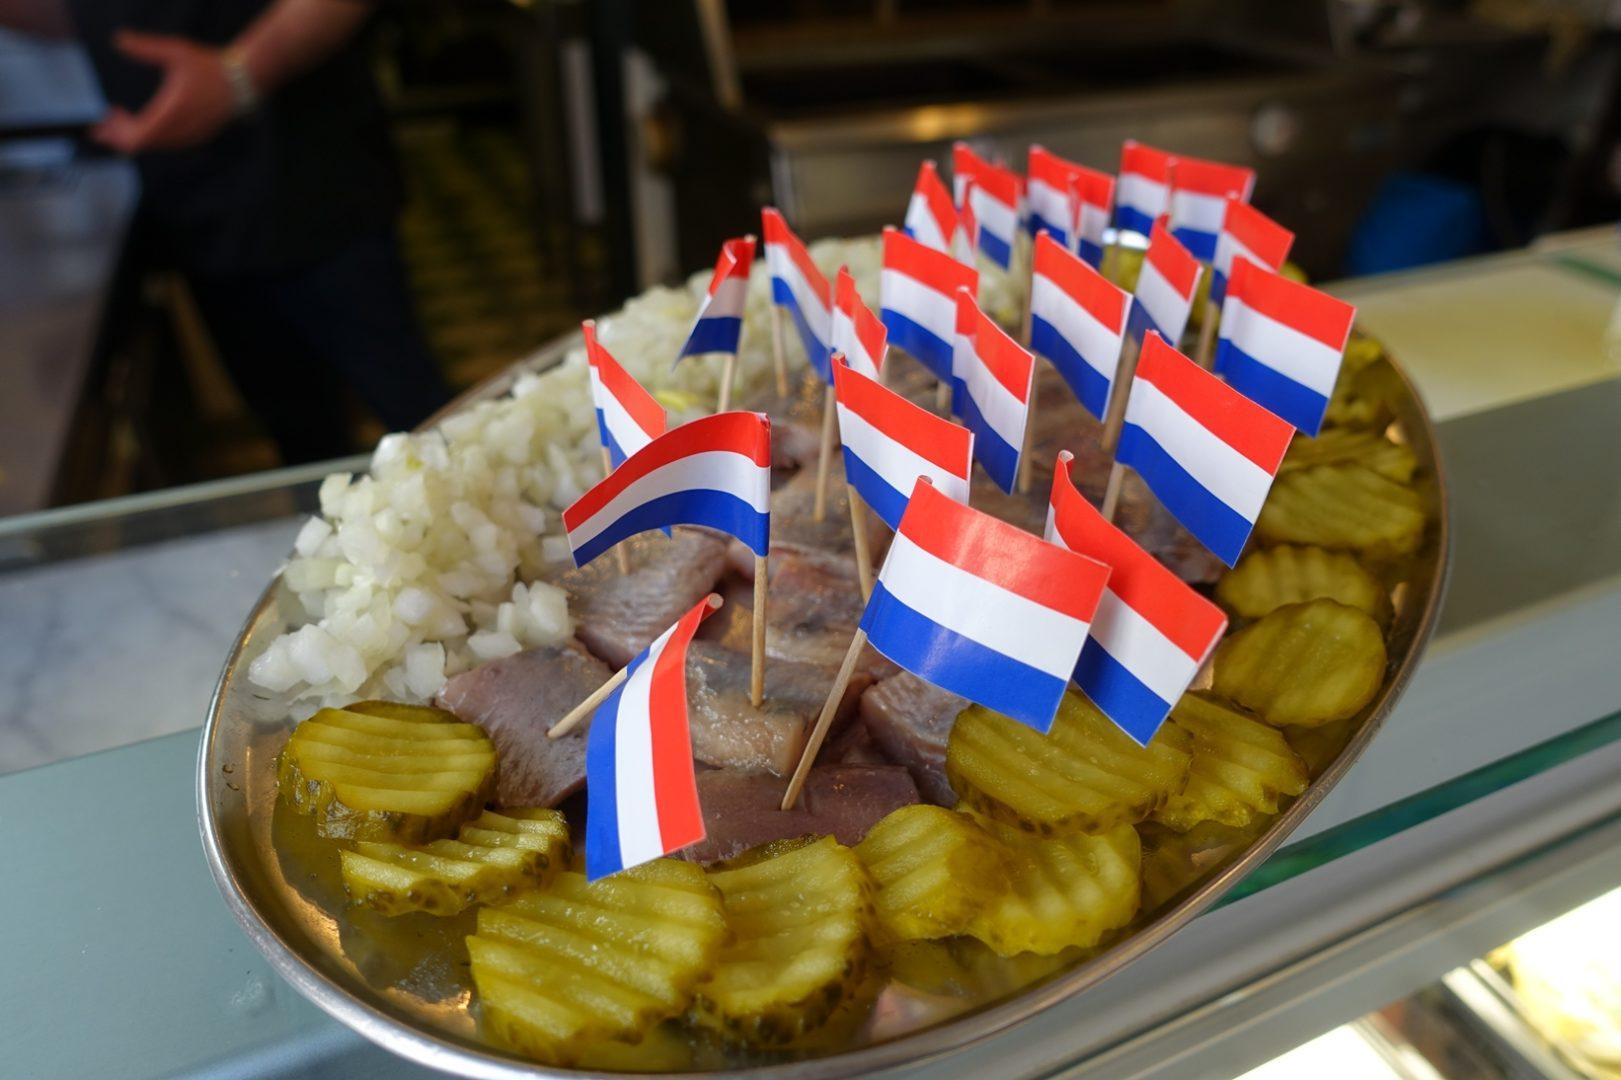 Holländische Spezialitäten in Amsterdam